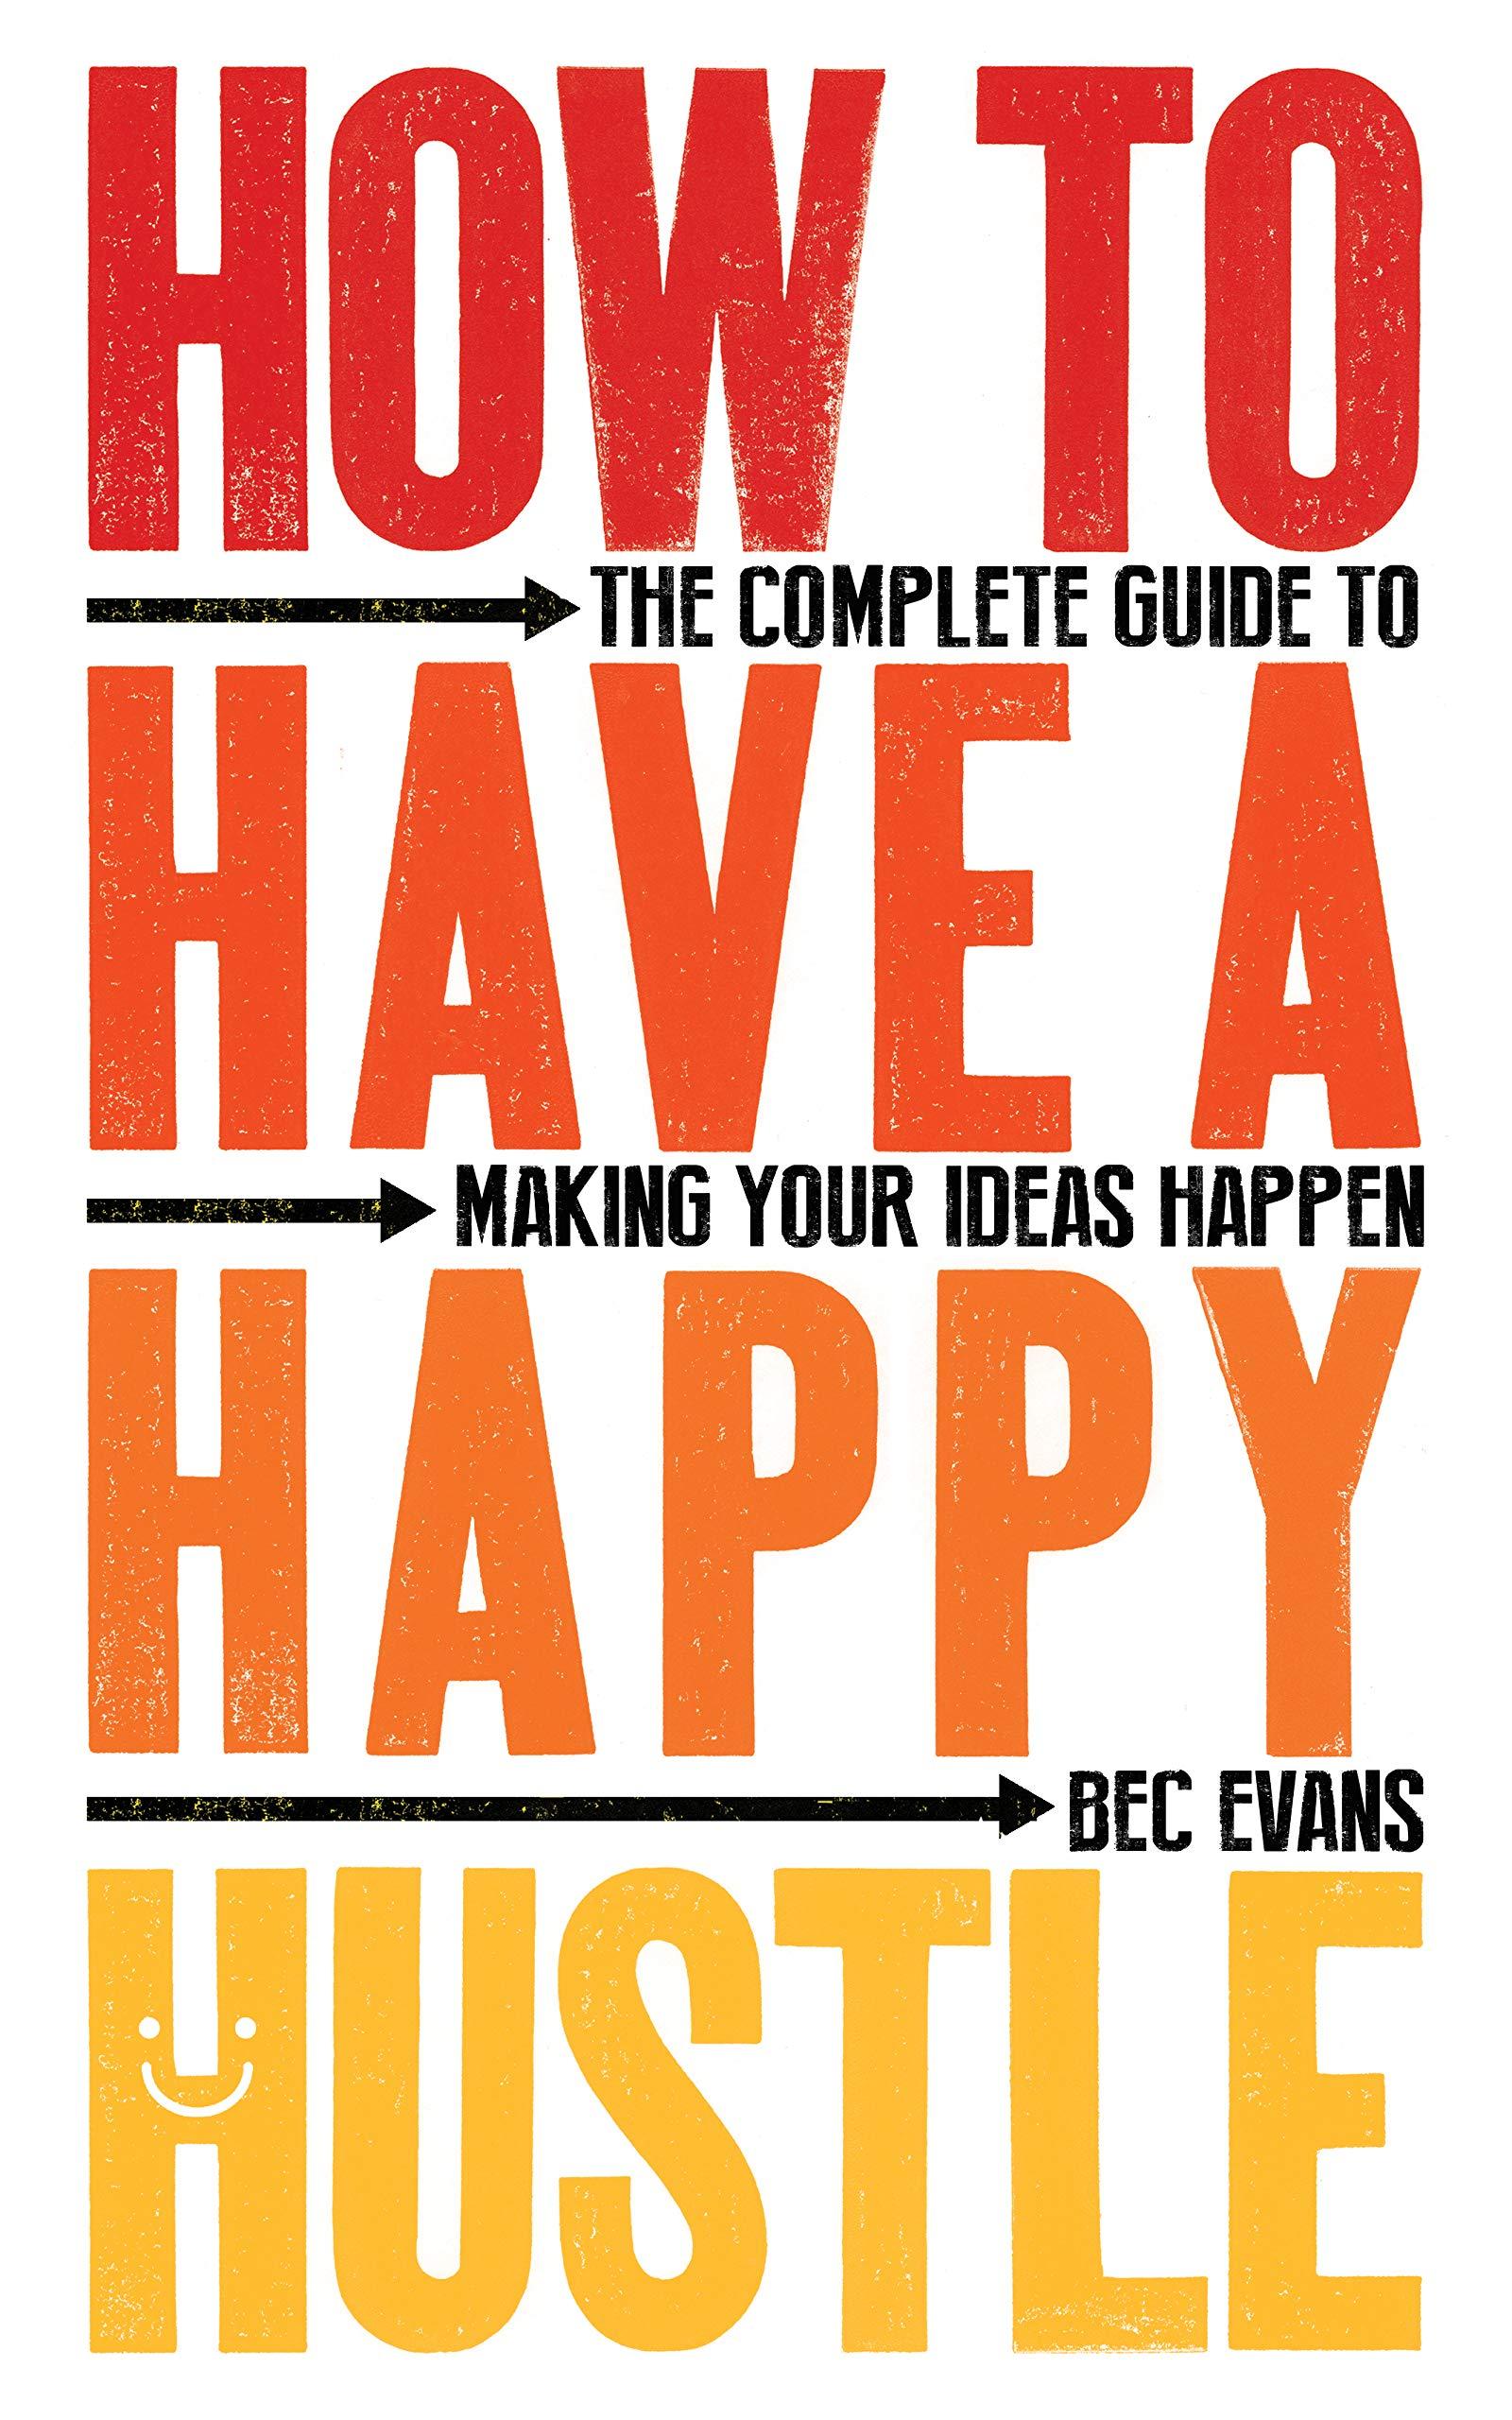 Bec Evans: Útmutató a boldog üzletépítéshez